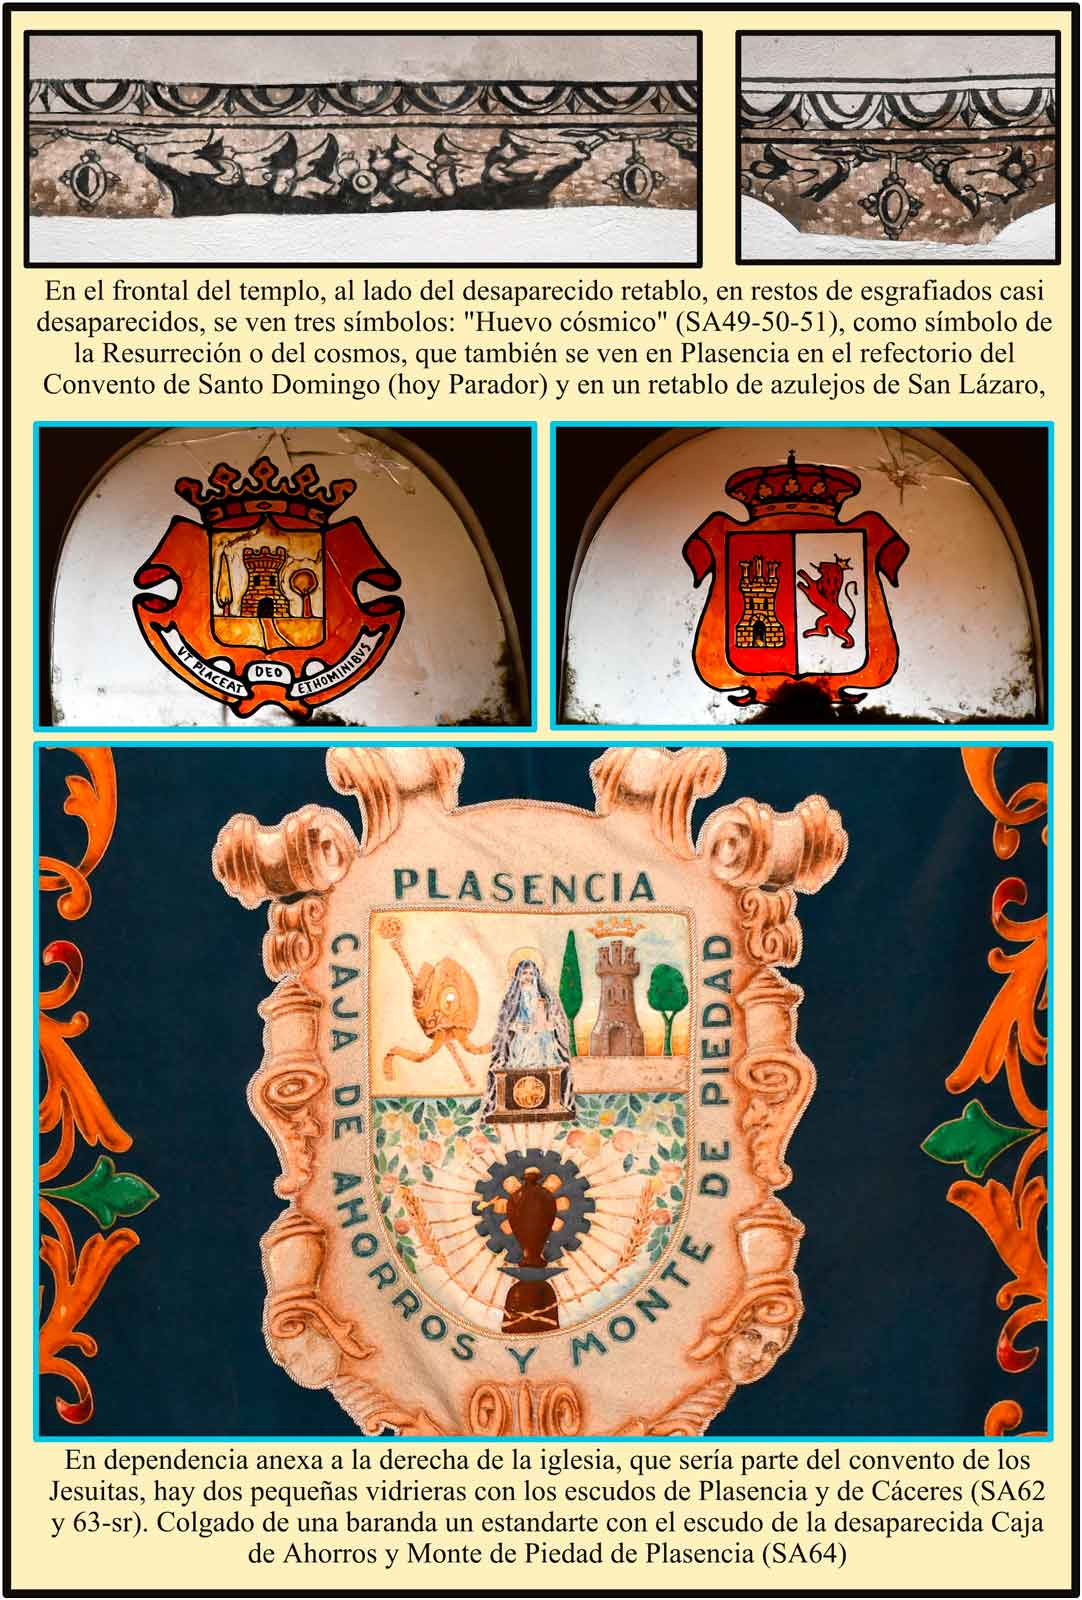 Santa Ana Vidrieras y estandarte con el escudo de la Caja de Ahorros de Plasencia